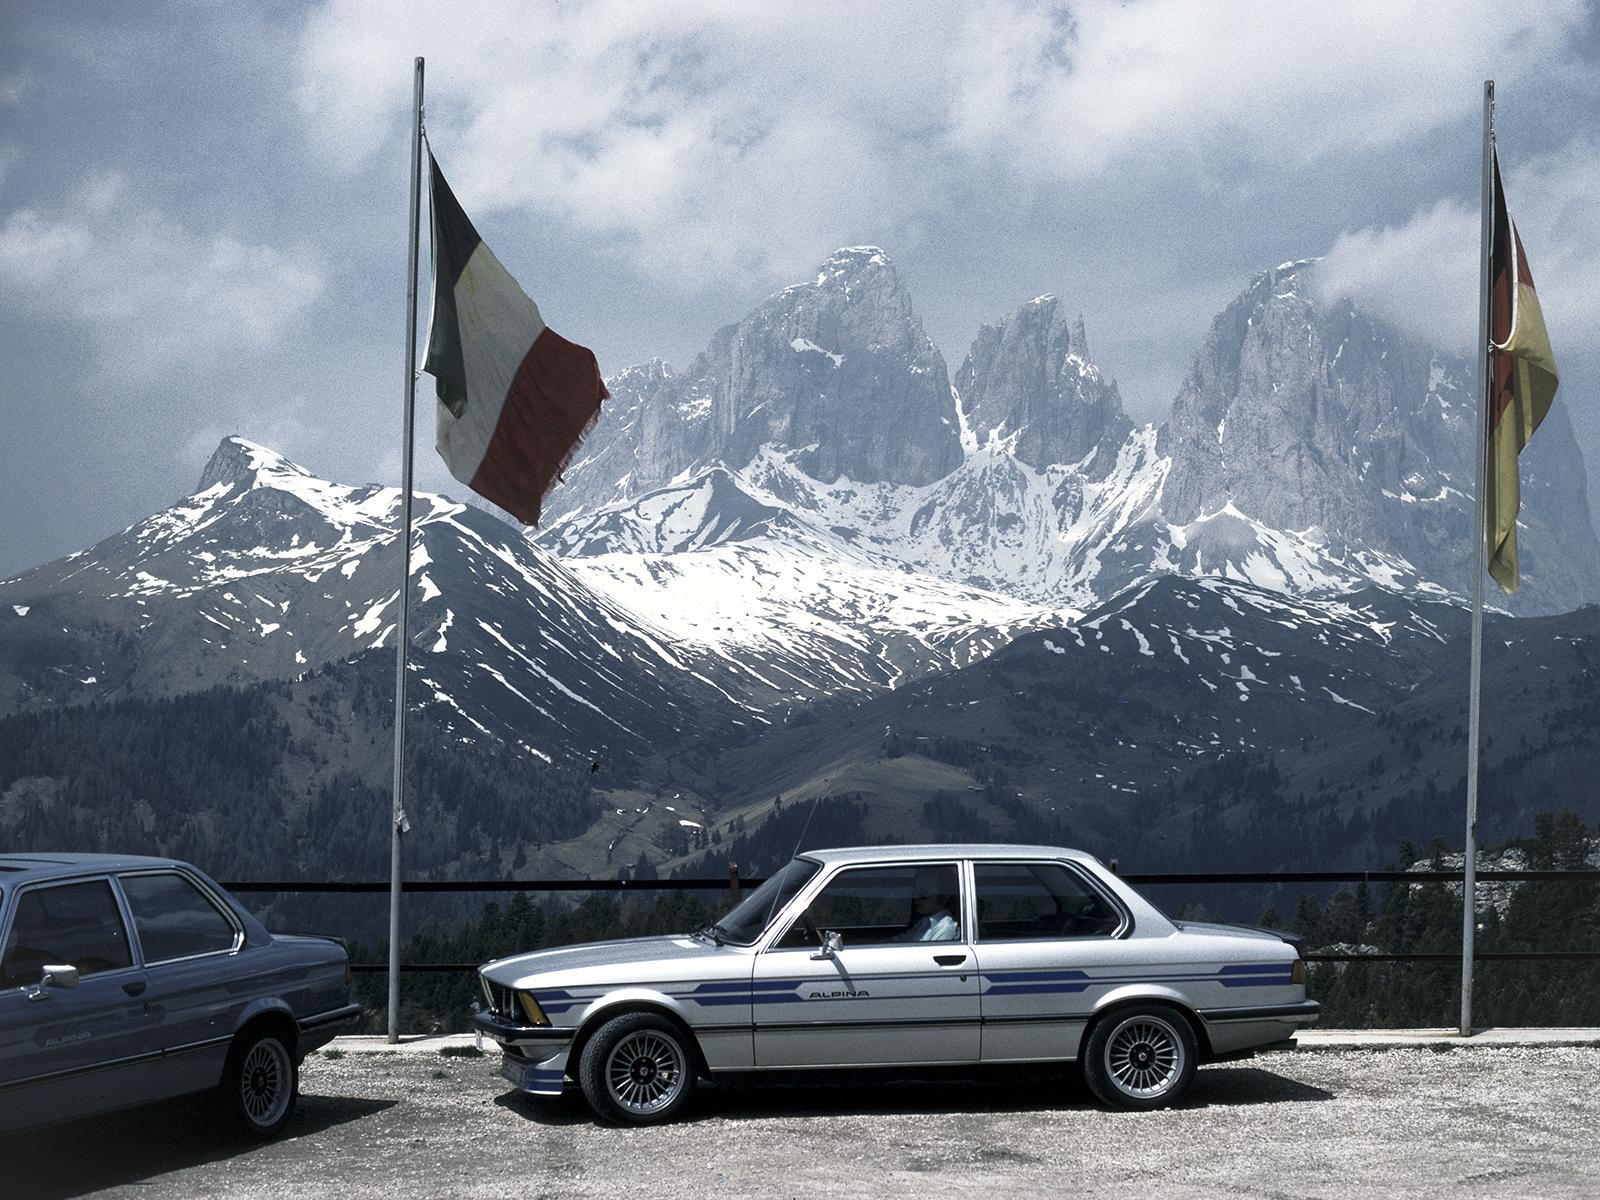 Bmw 3 Series E21 Alpina Automobiles